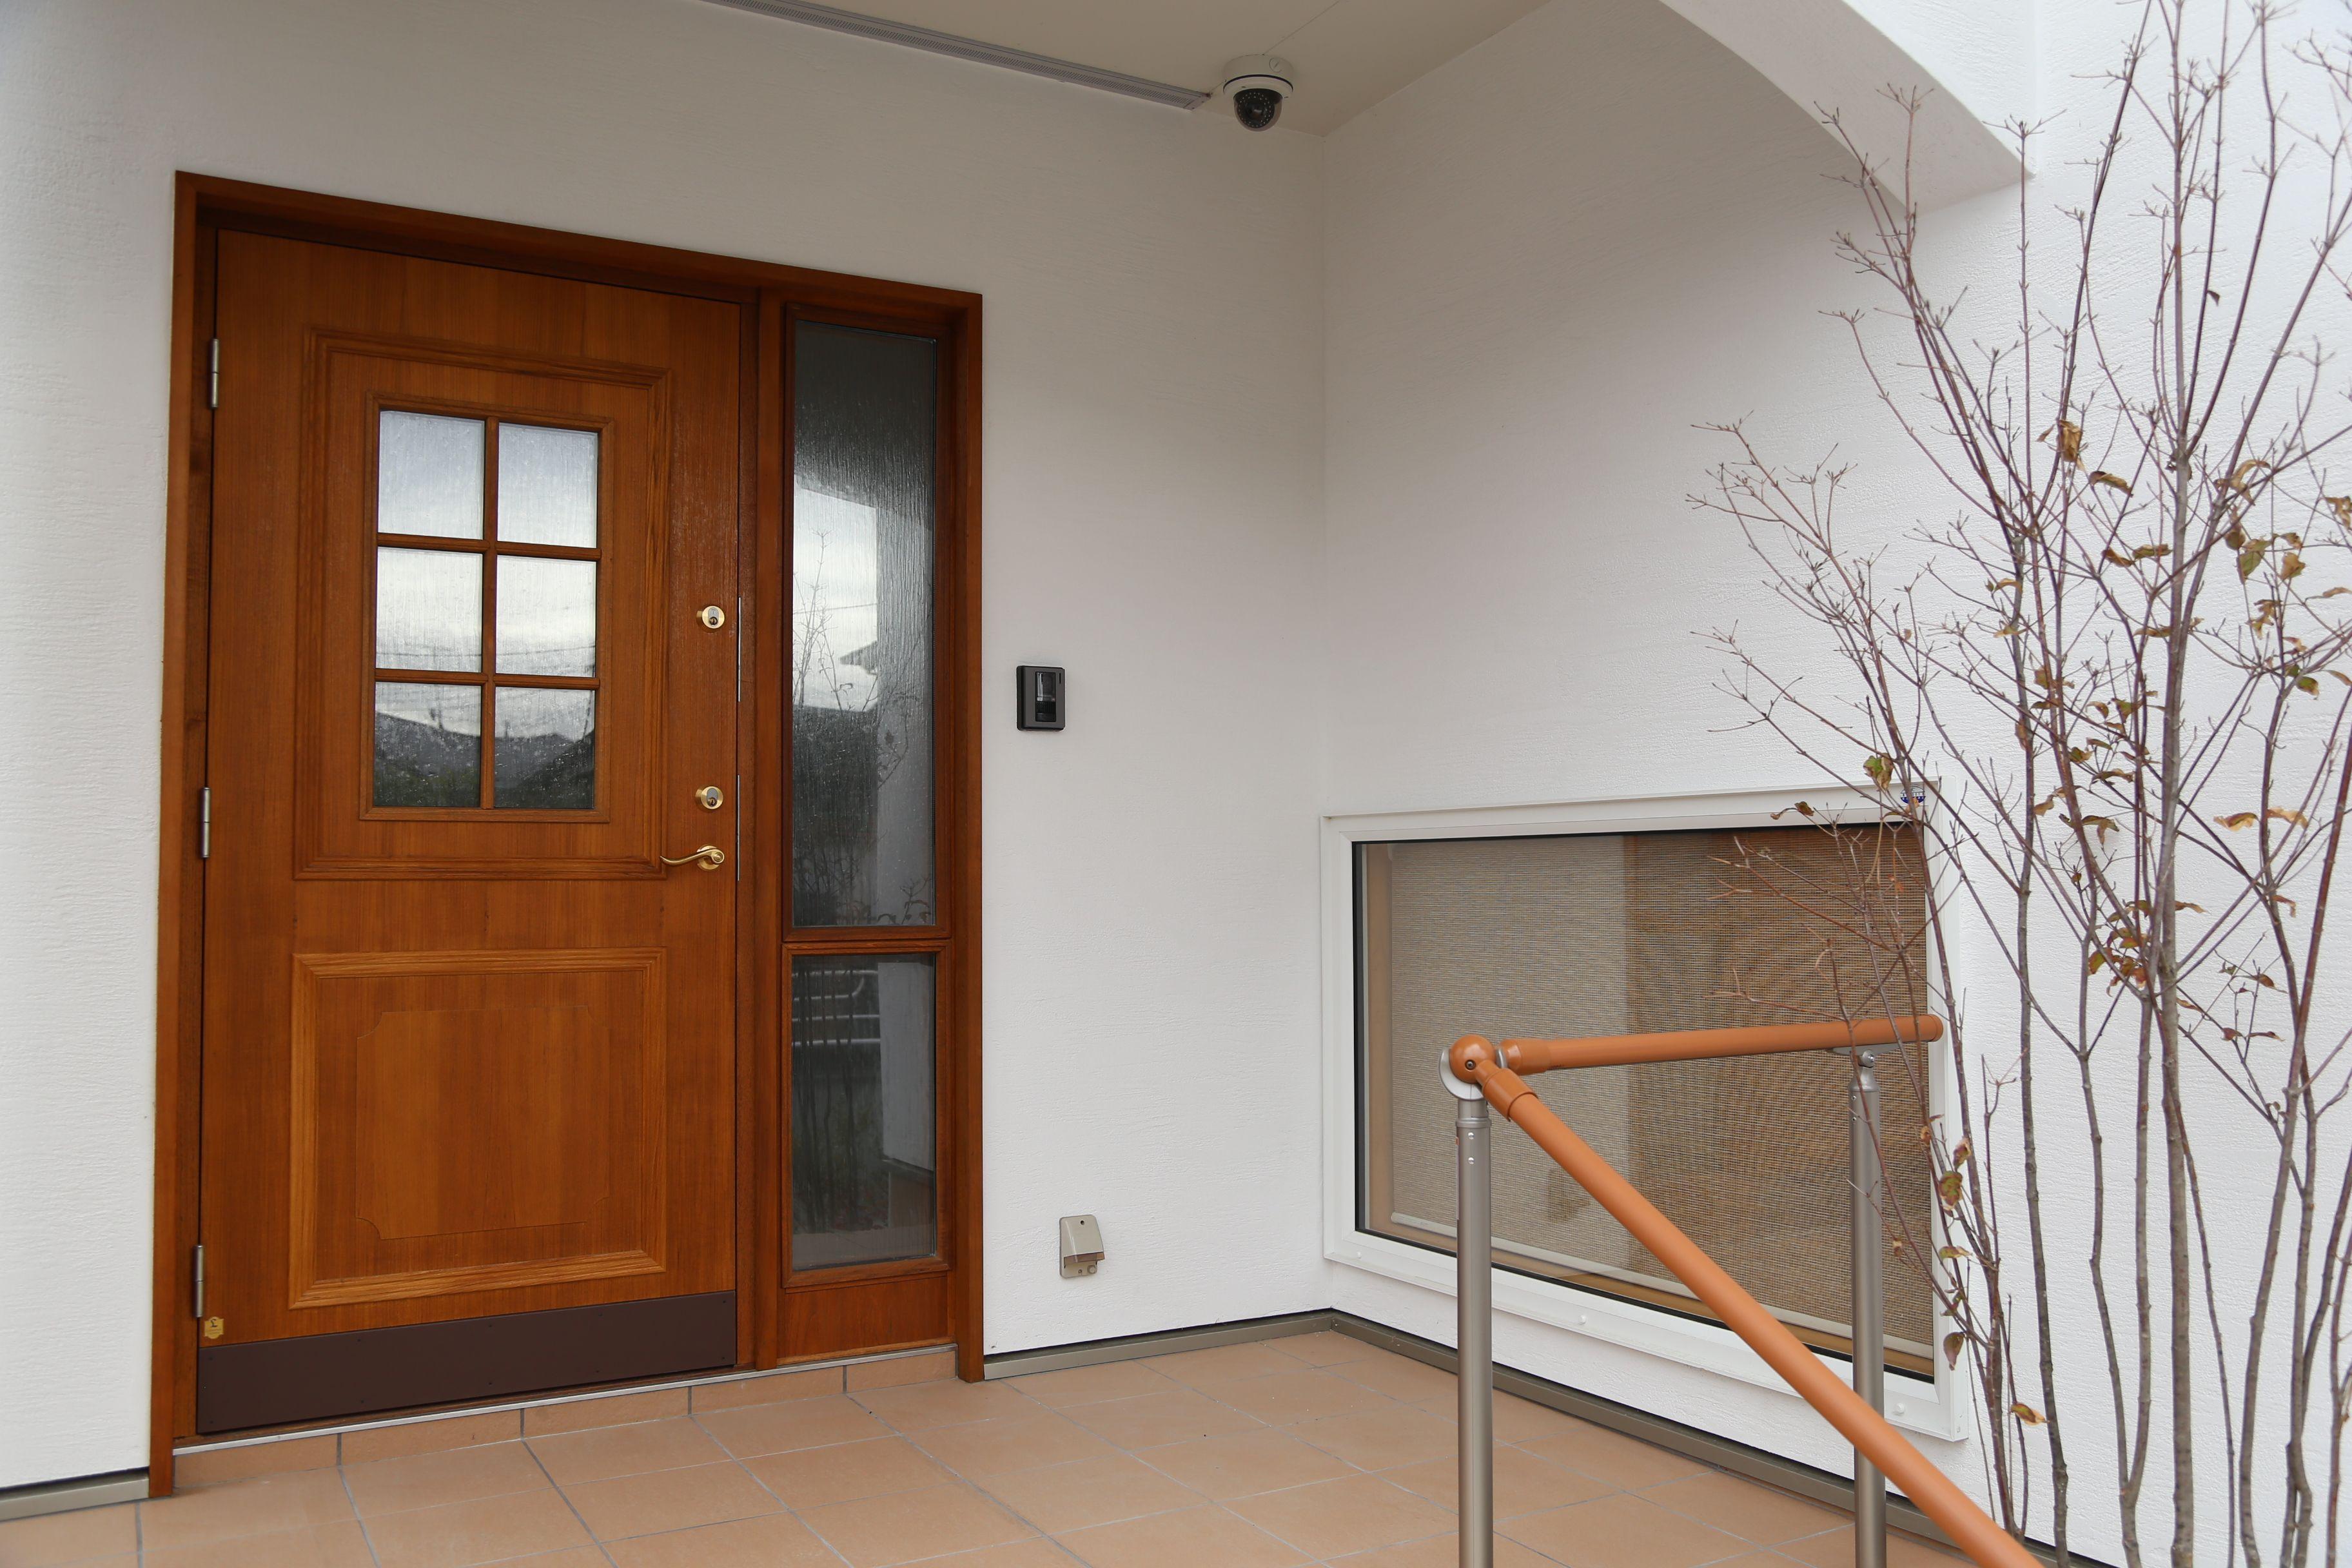 チーク防火玄関ドア 2020 ドア 玄関 玄関ドア